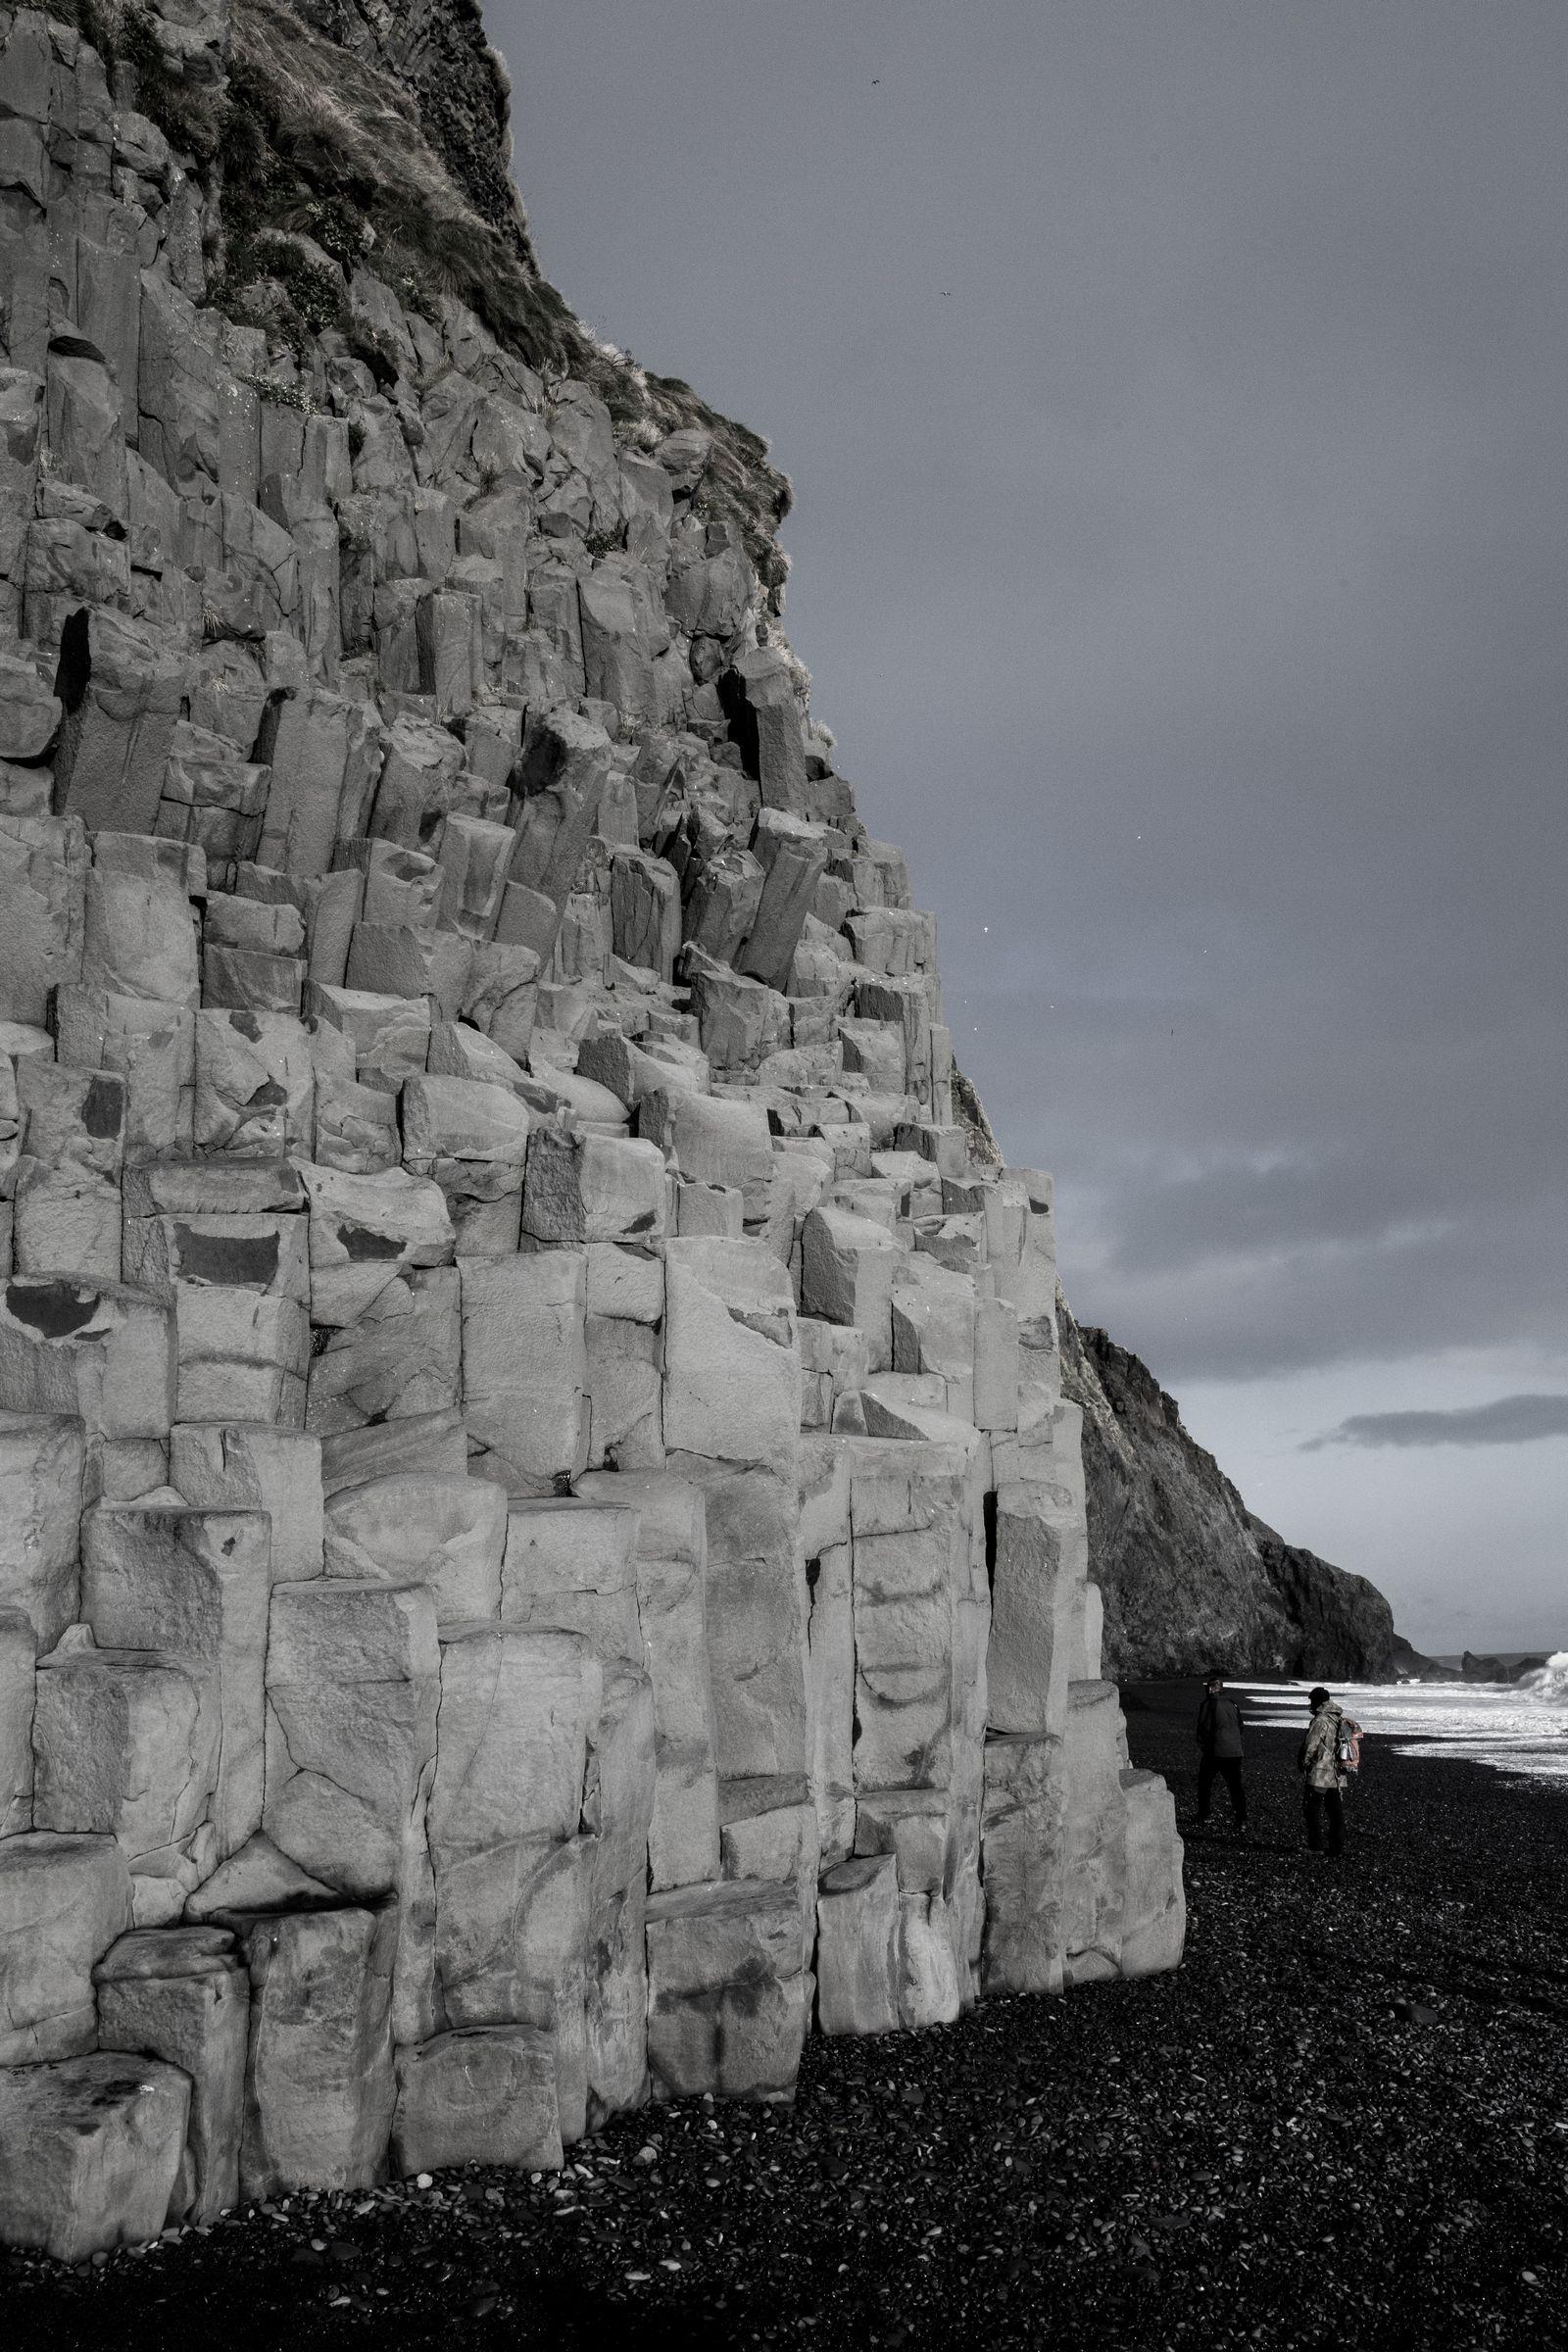 El único metro de basalto sin gente subida a él